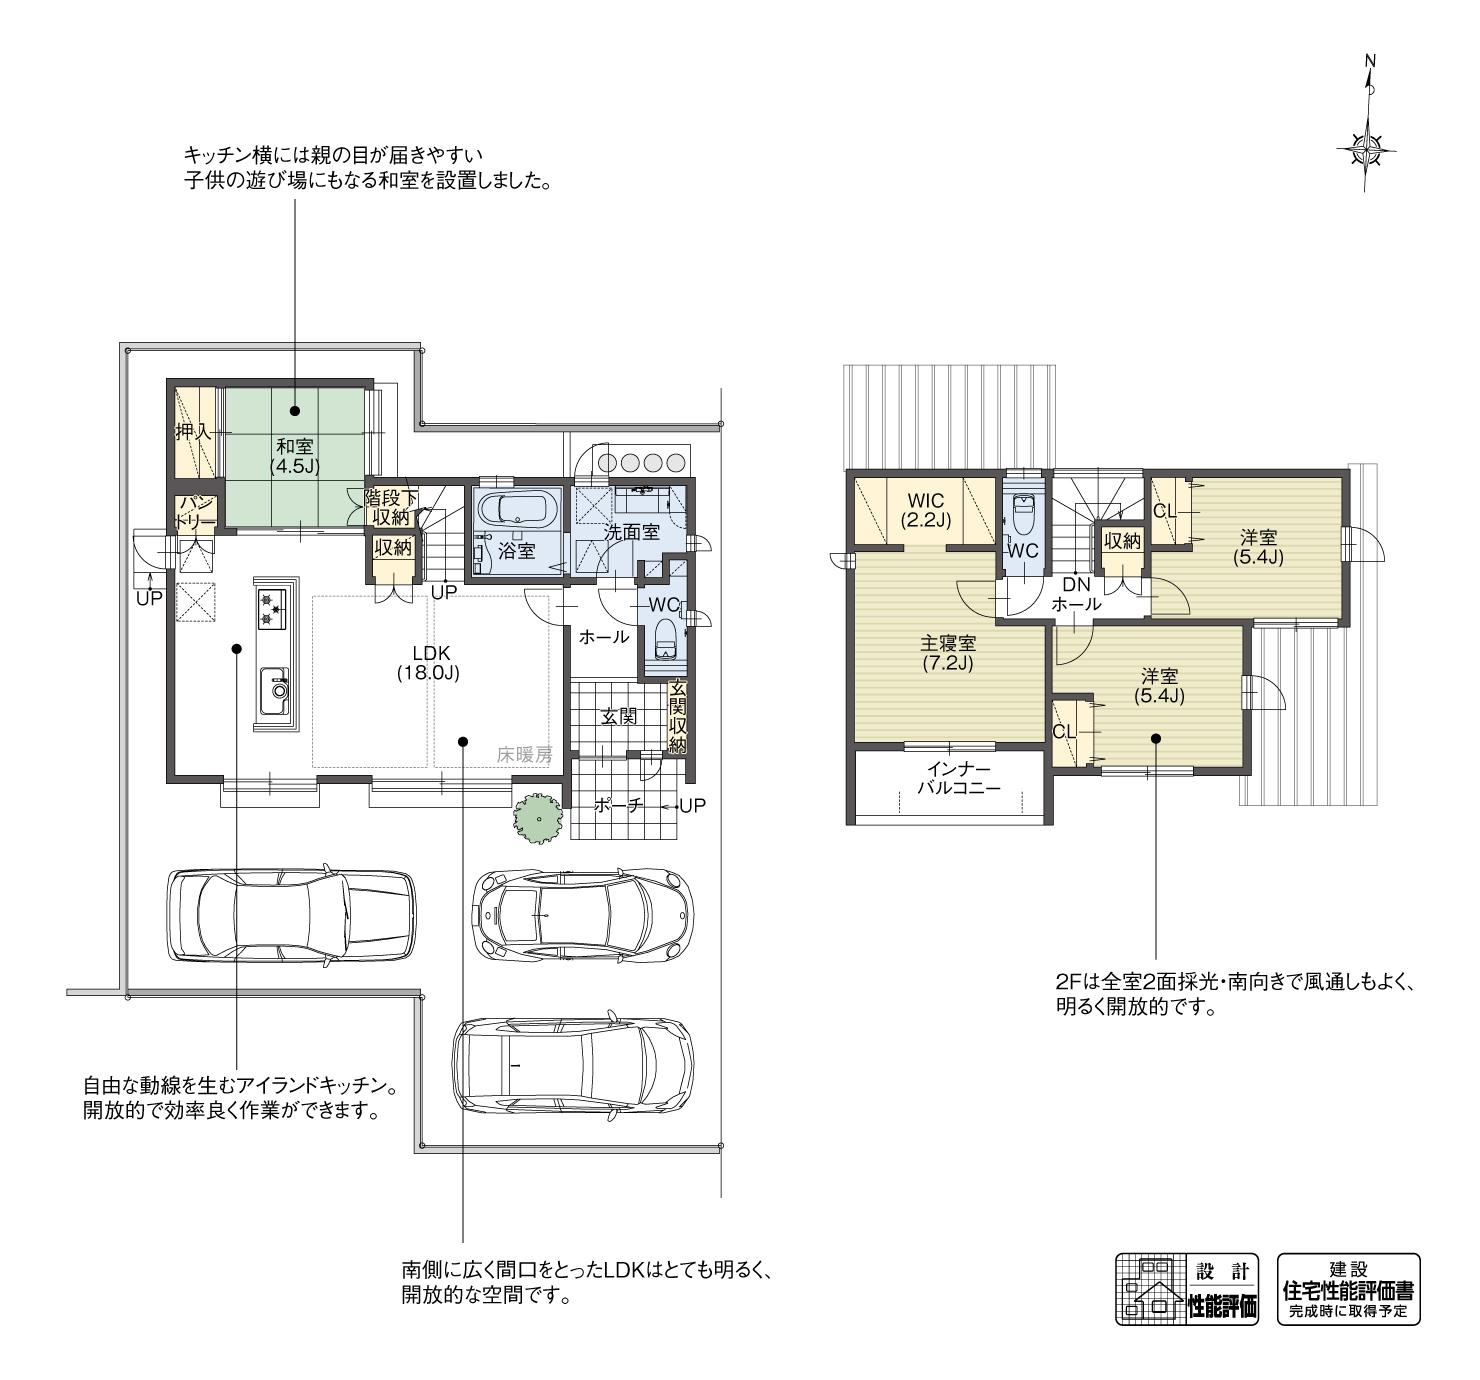 5_間取図_plan5_豊田市桝塚西町